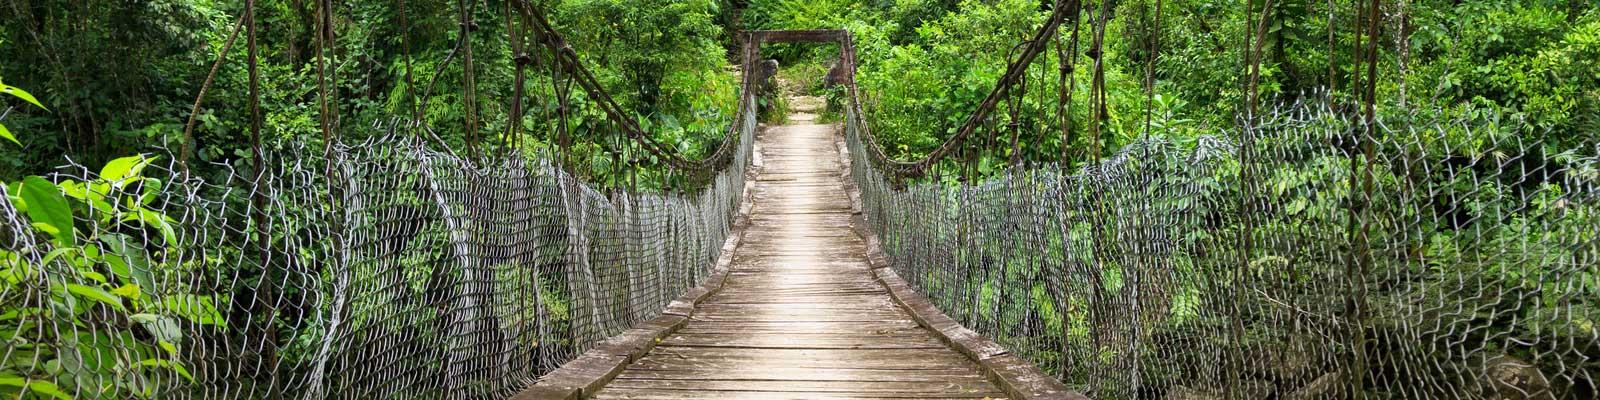 Ecuador Immobilien - Häuser, Wohnungen, Landsitze - Kaufen, Mieten, Investieren